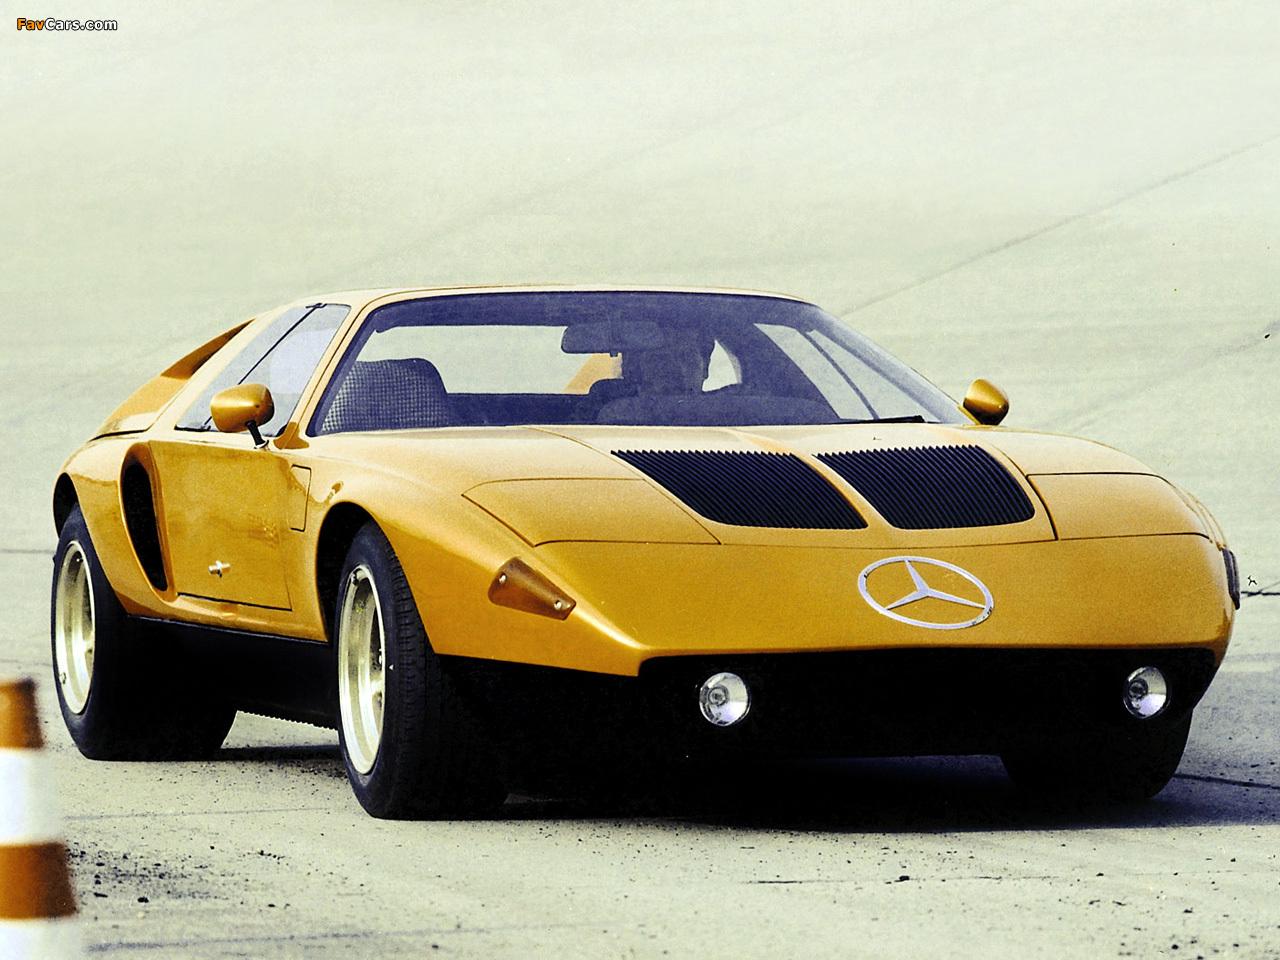 Mercedes-Benz C111-II D Concept 1976 photos (1280x960)